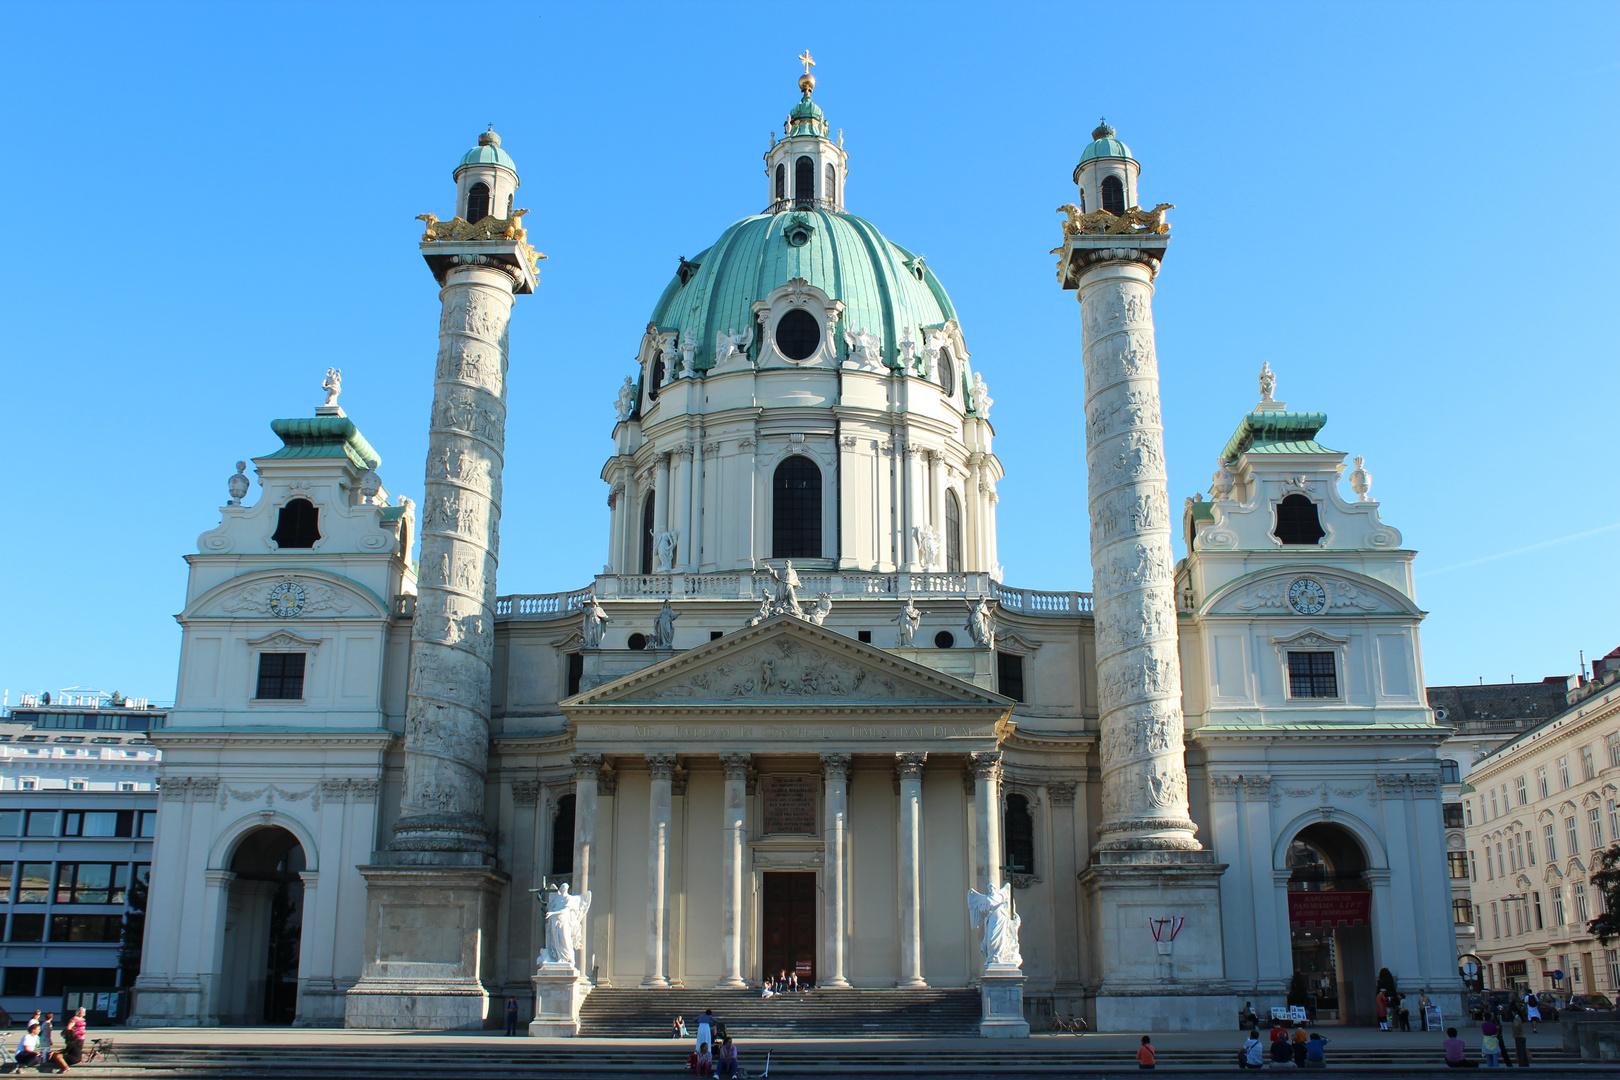 Karlskirche zu Wien